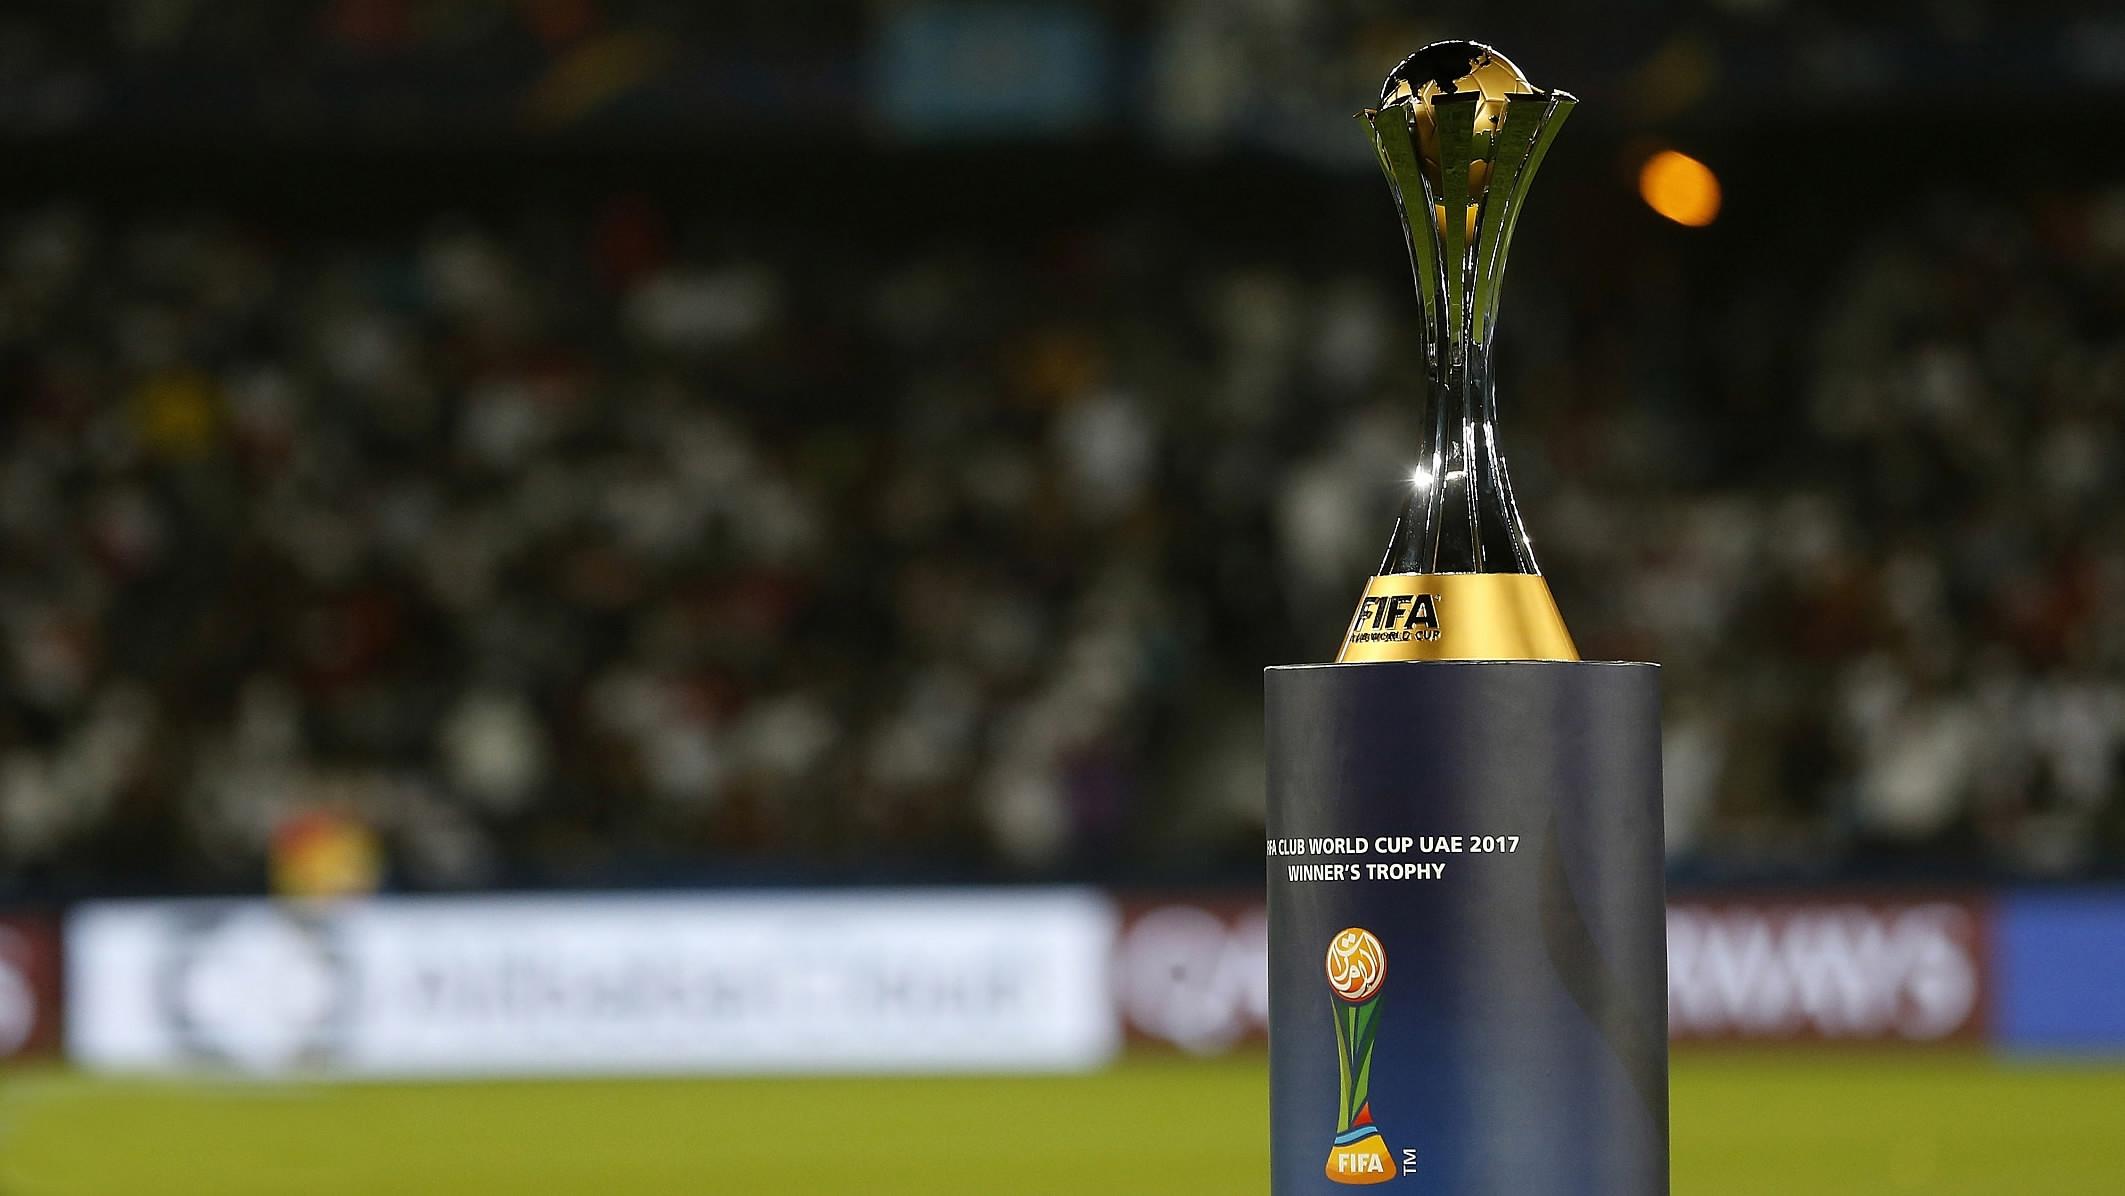 Best Club World Cup 2018 - 8372f7503d174f4caeebbed5c9848f6e  HD_80393 .jpg